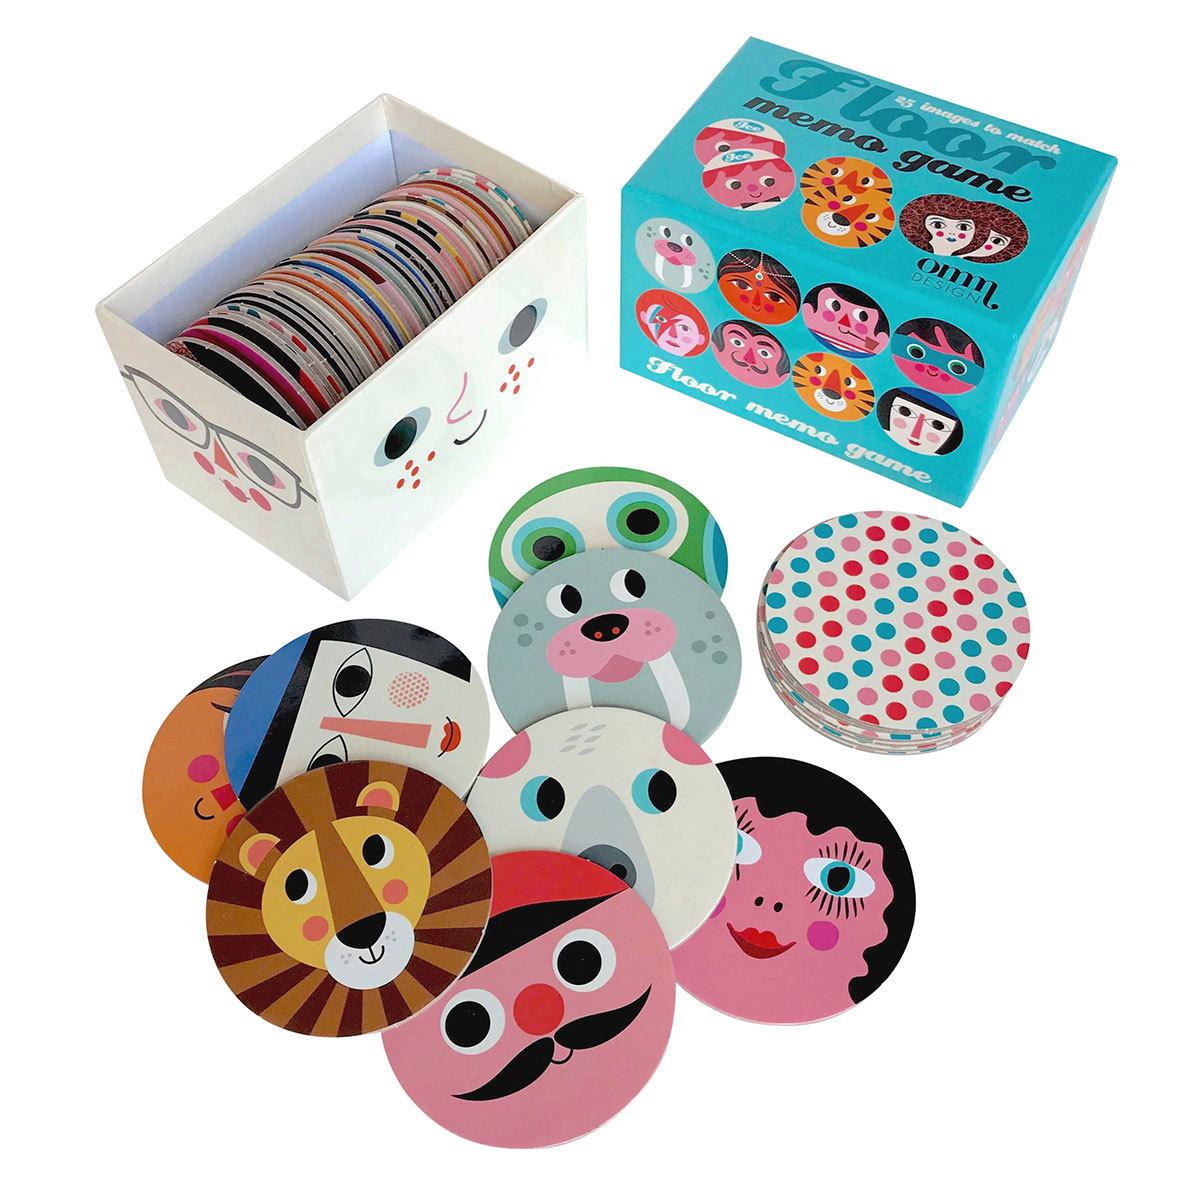 Mes premiers jouets Jeu de Memory Rond par Ingela P. Arrhenius Omm Design - AR201910140074